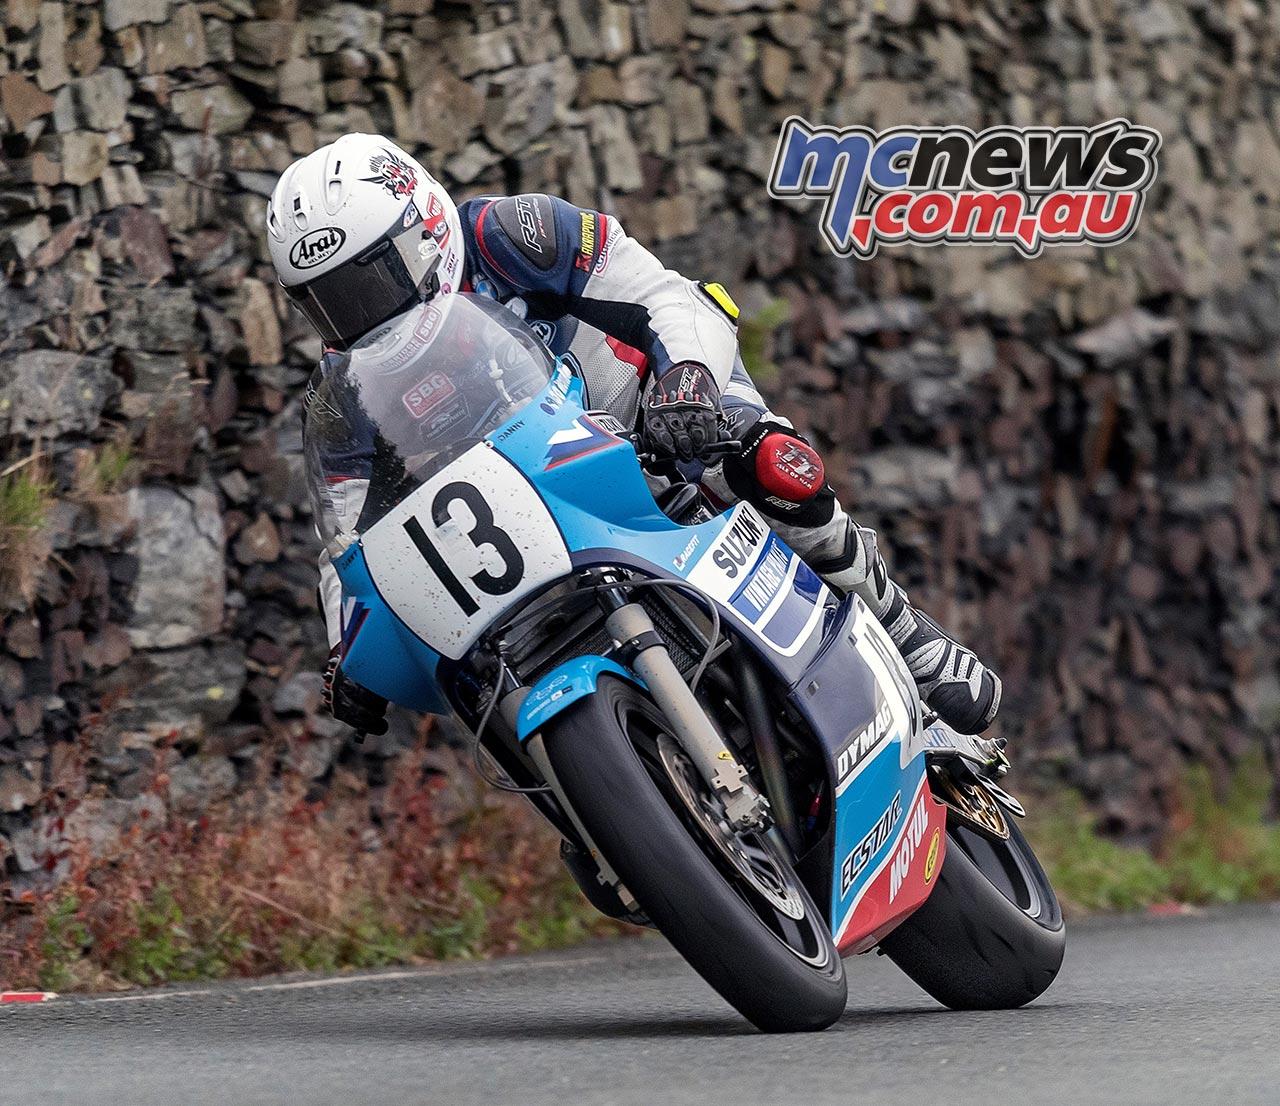 Classic TT 2016 - Danny Webb - Image by Kevin Warren